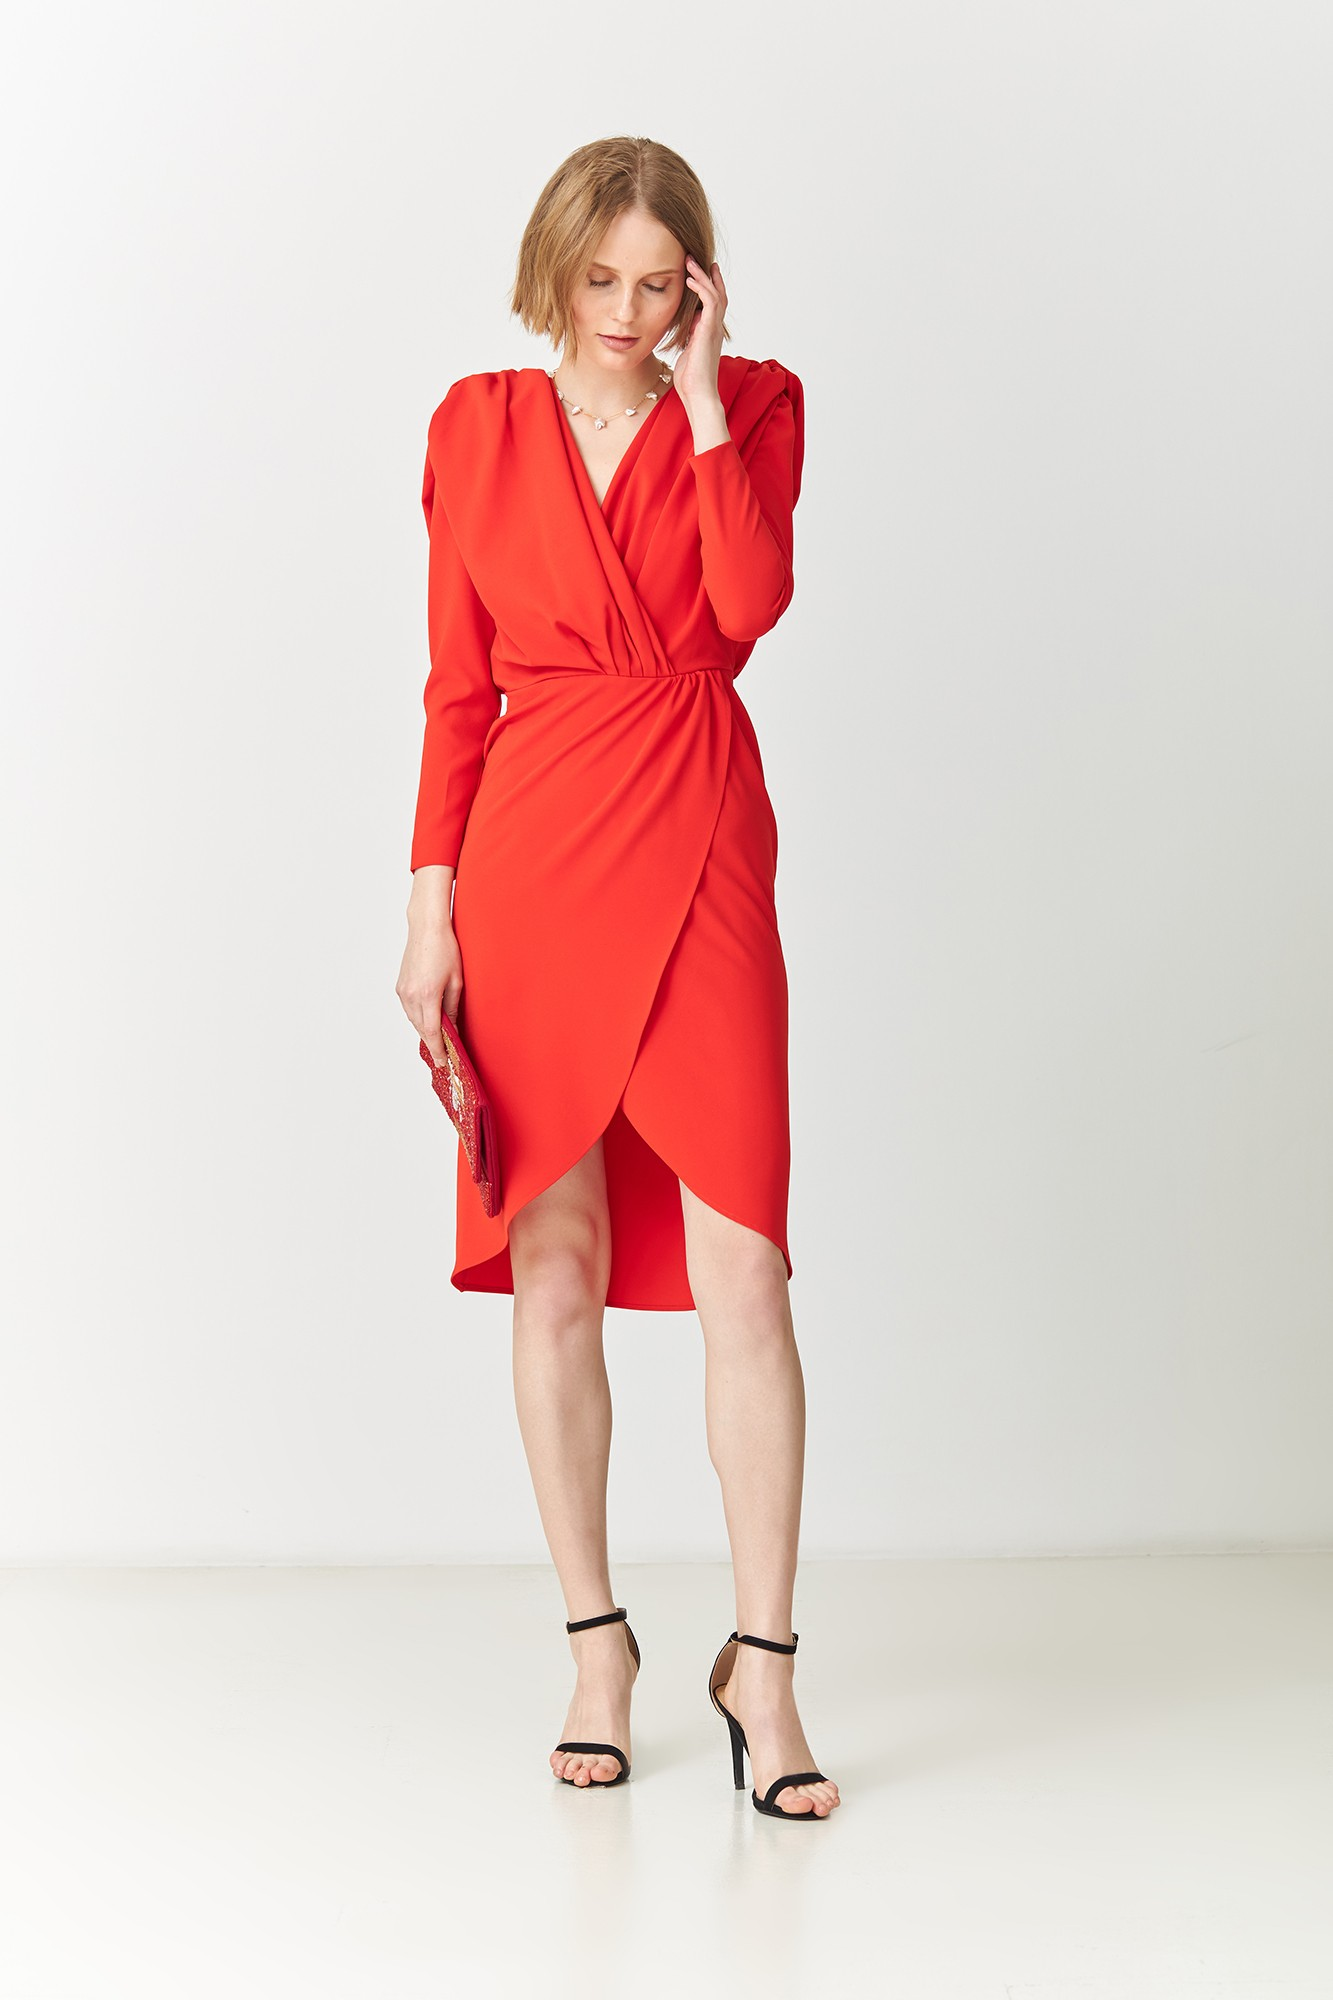 ANITA RED DRESS